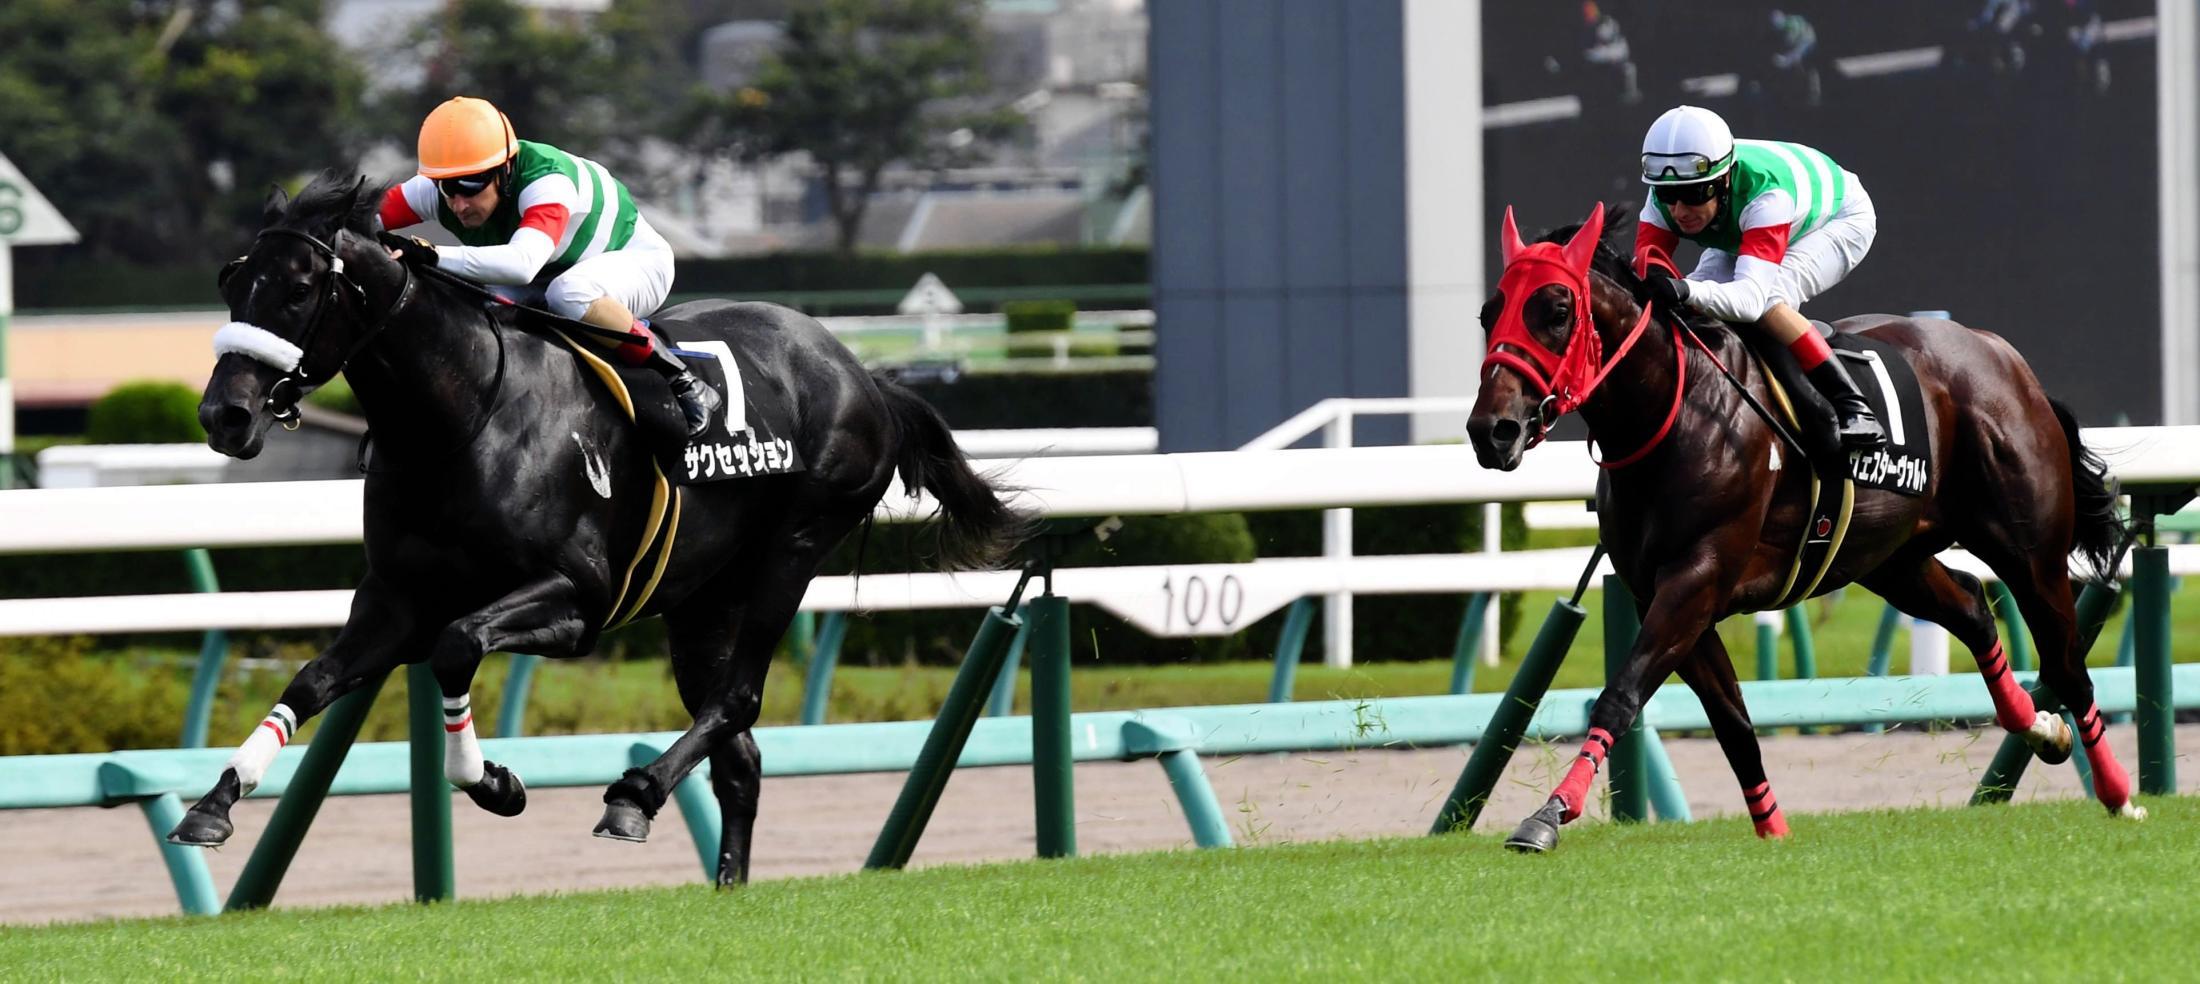 9R、アスター賞を危なげなく勝利したサクセッション(左)=中山競馬場(撮影・三好信也)